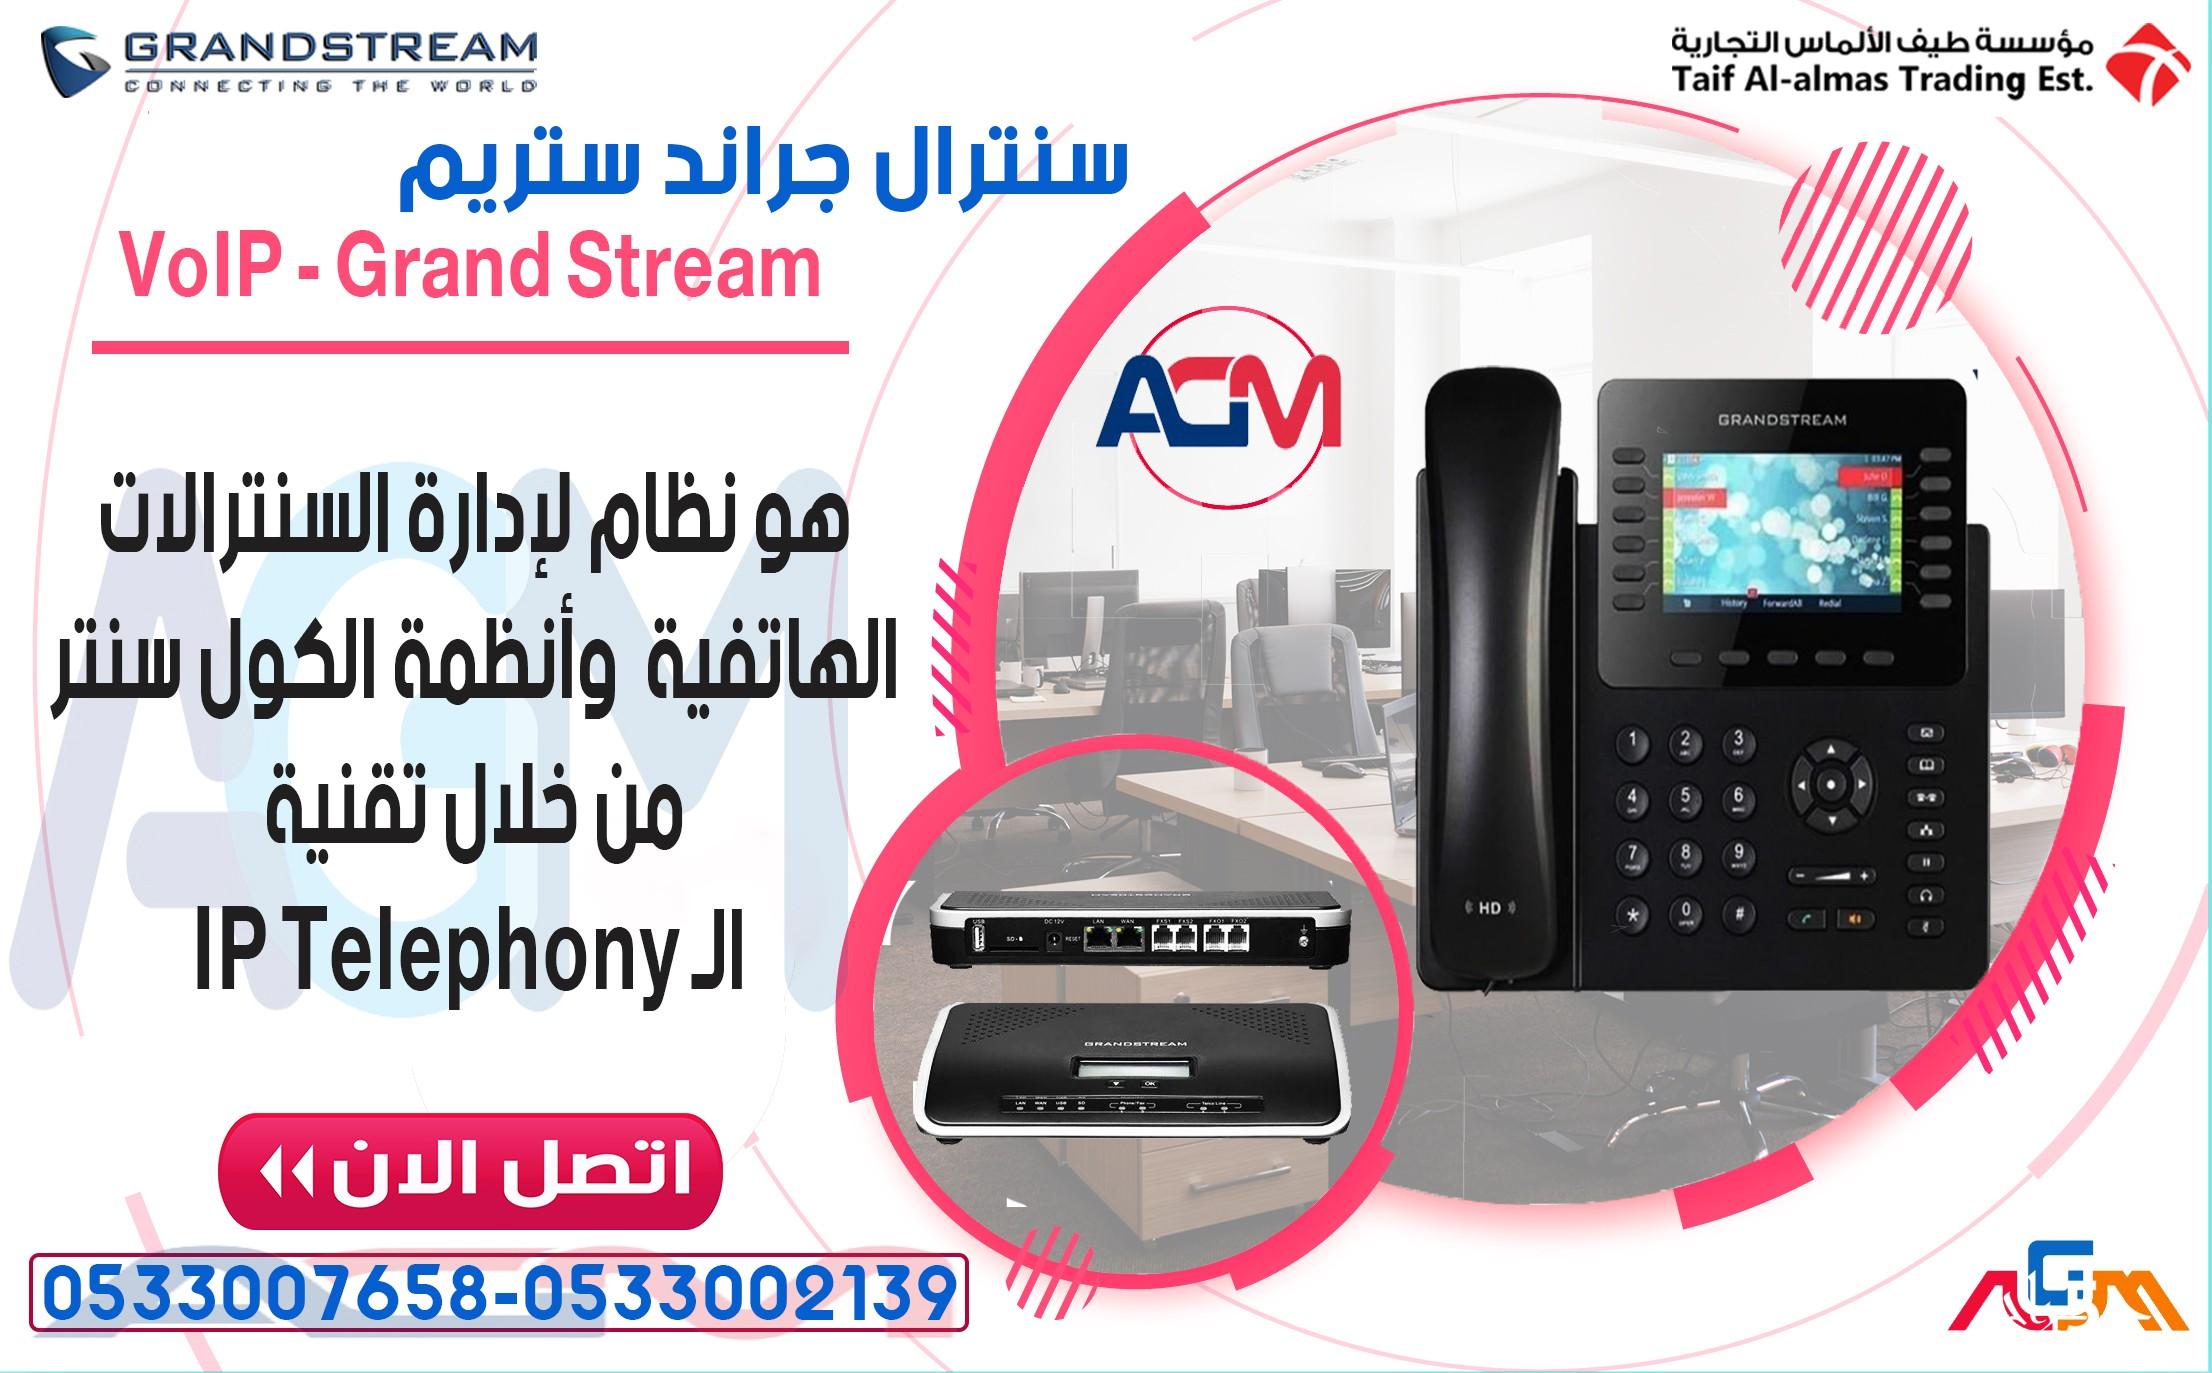 سنترال جراند ستريم VoIP - Grand Stream